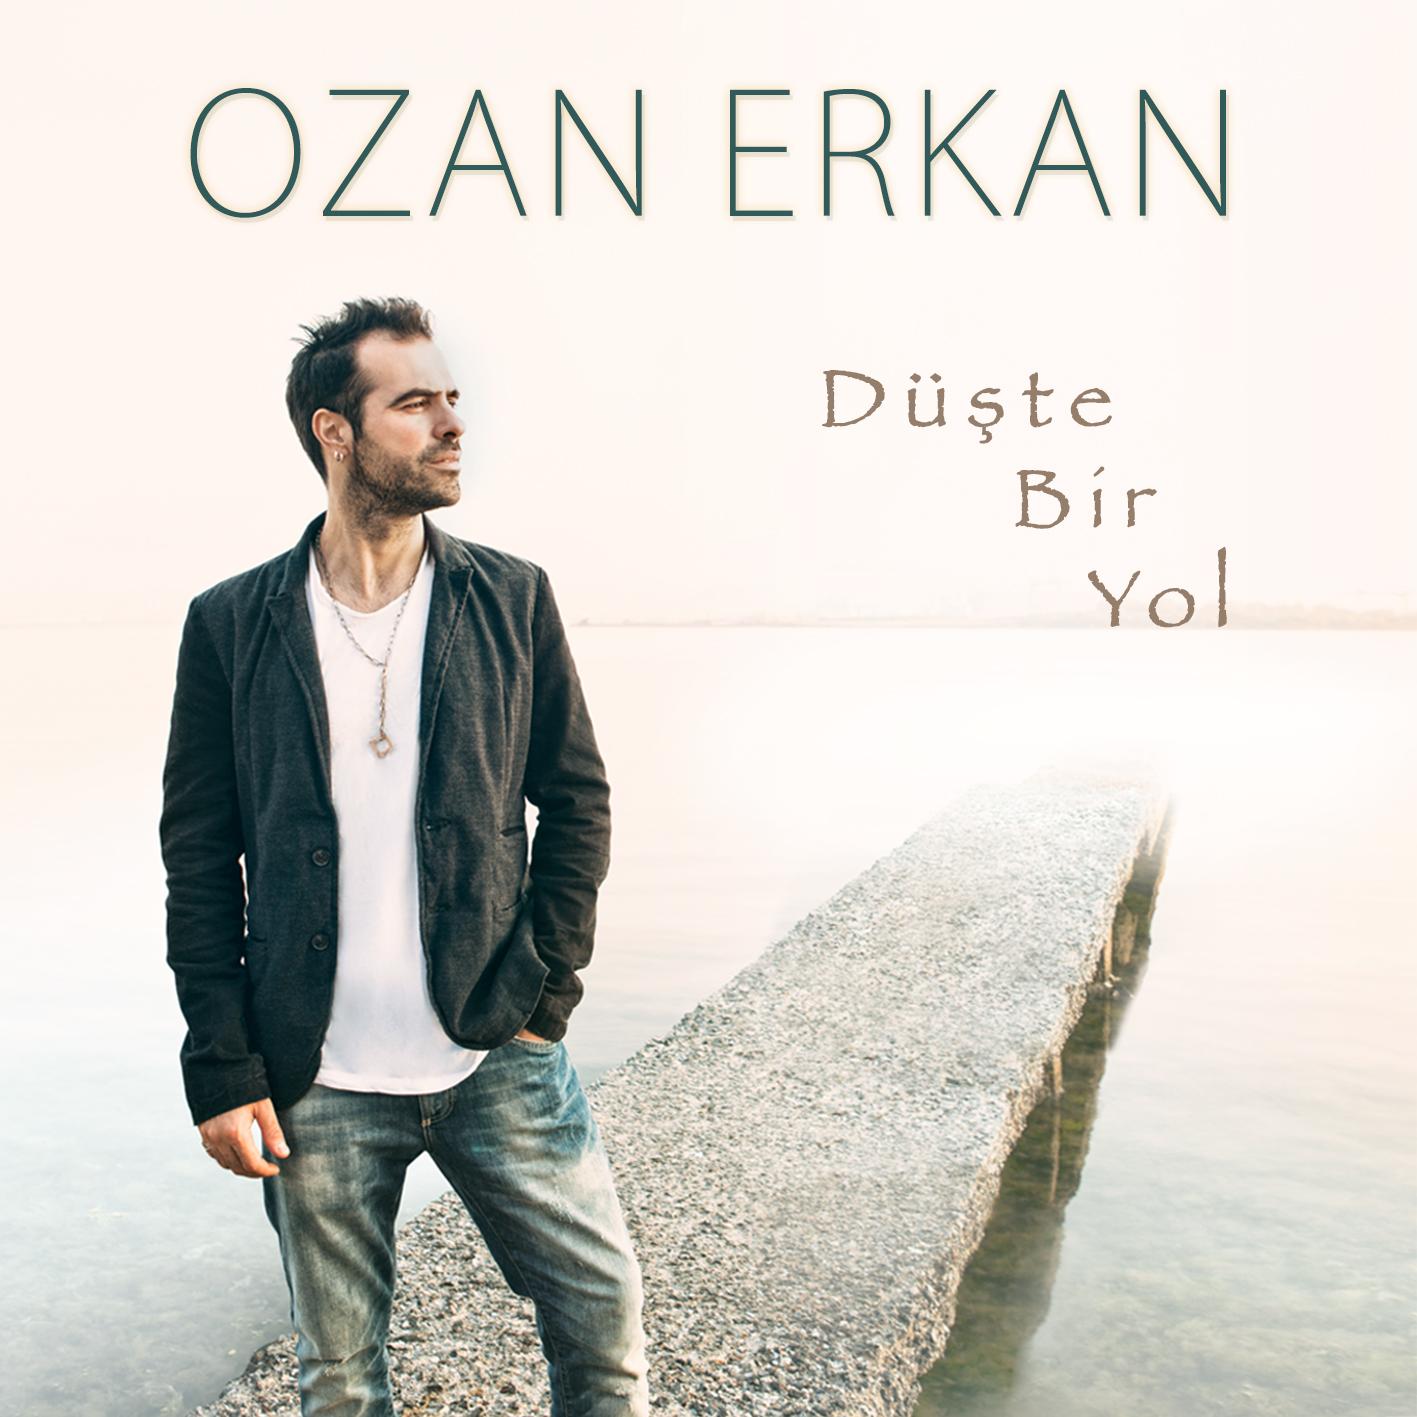 Cover-Ozan-Erkan-Album-On-Kapak